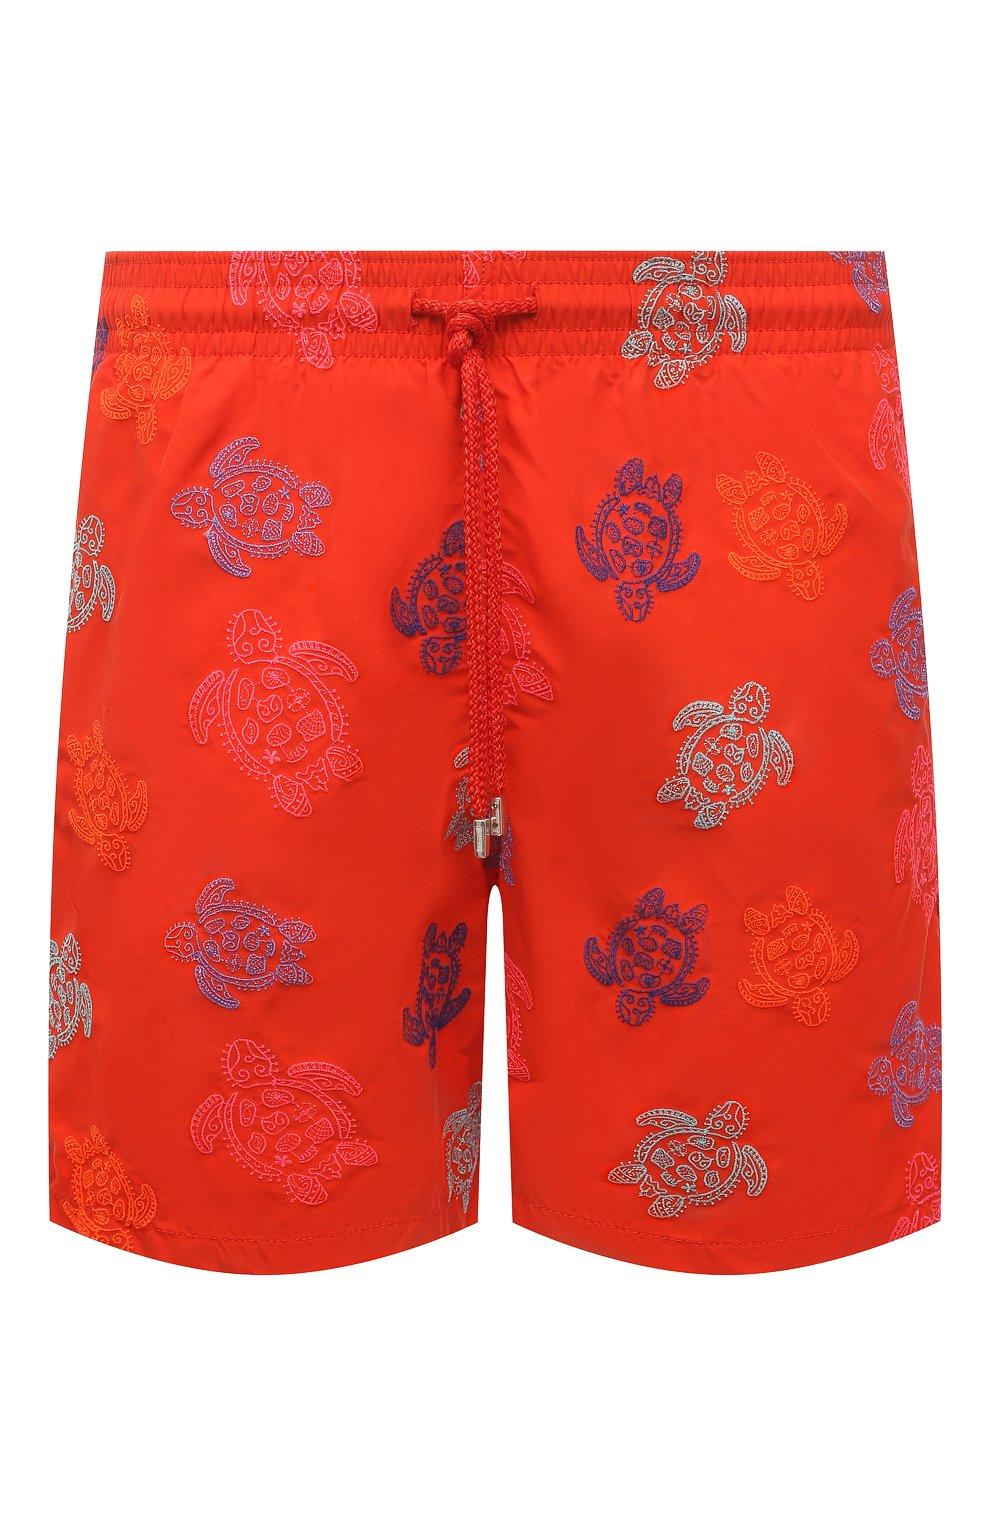 Мужские плавки-шорты VILEBREQUIN красного цвета, арт. MISH0C36/193 | Фото 1 (Материал внешний: Синтетический материал; Принт: С принтом; Мужское Кросс-КТ: плавки-шорты)